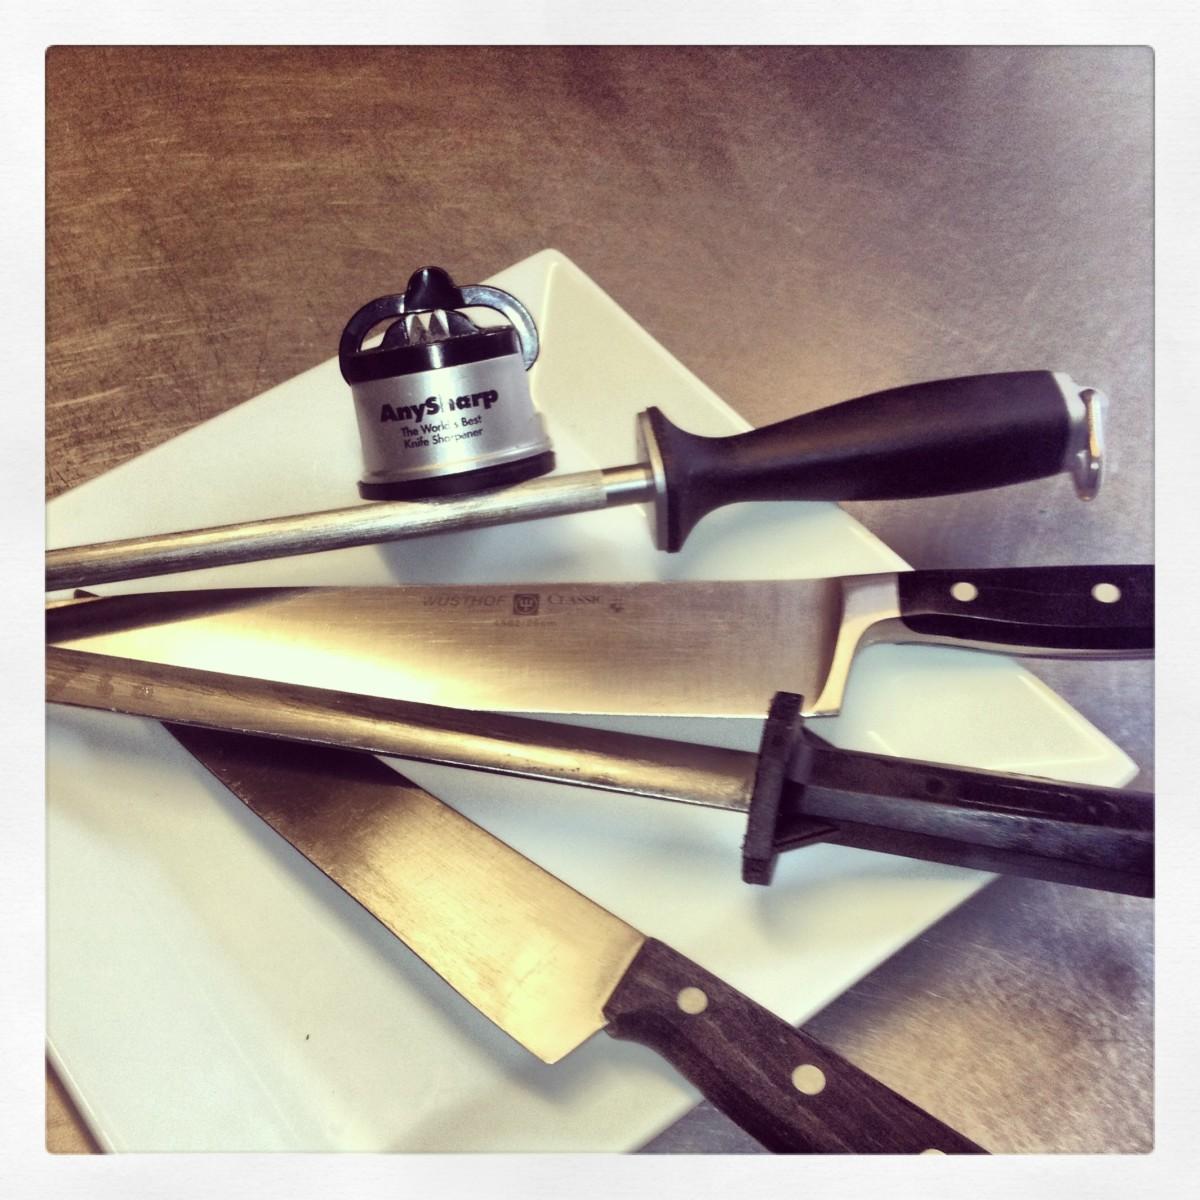 Best Knife Sharpener Review